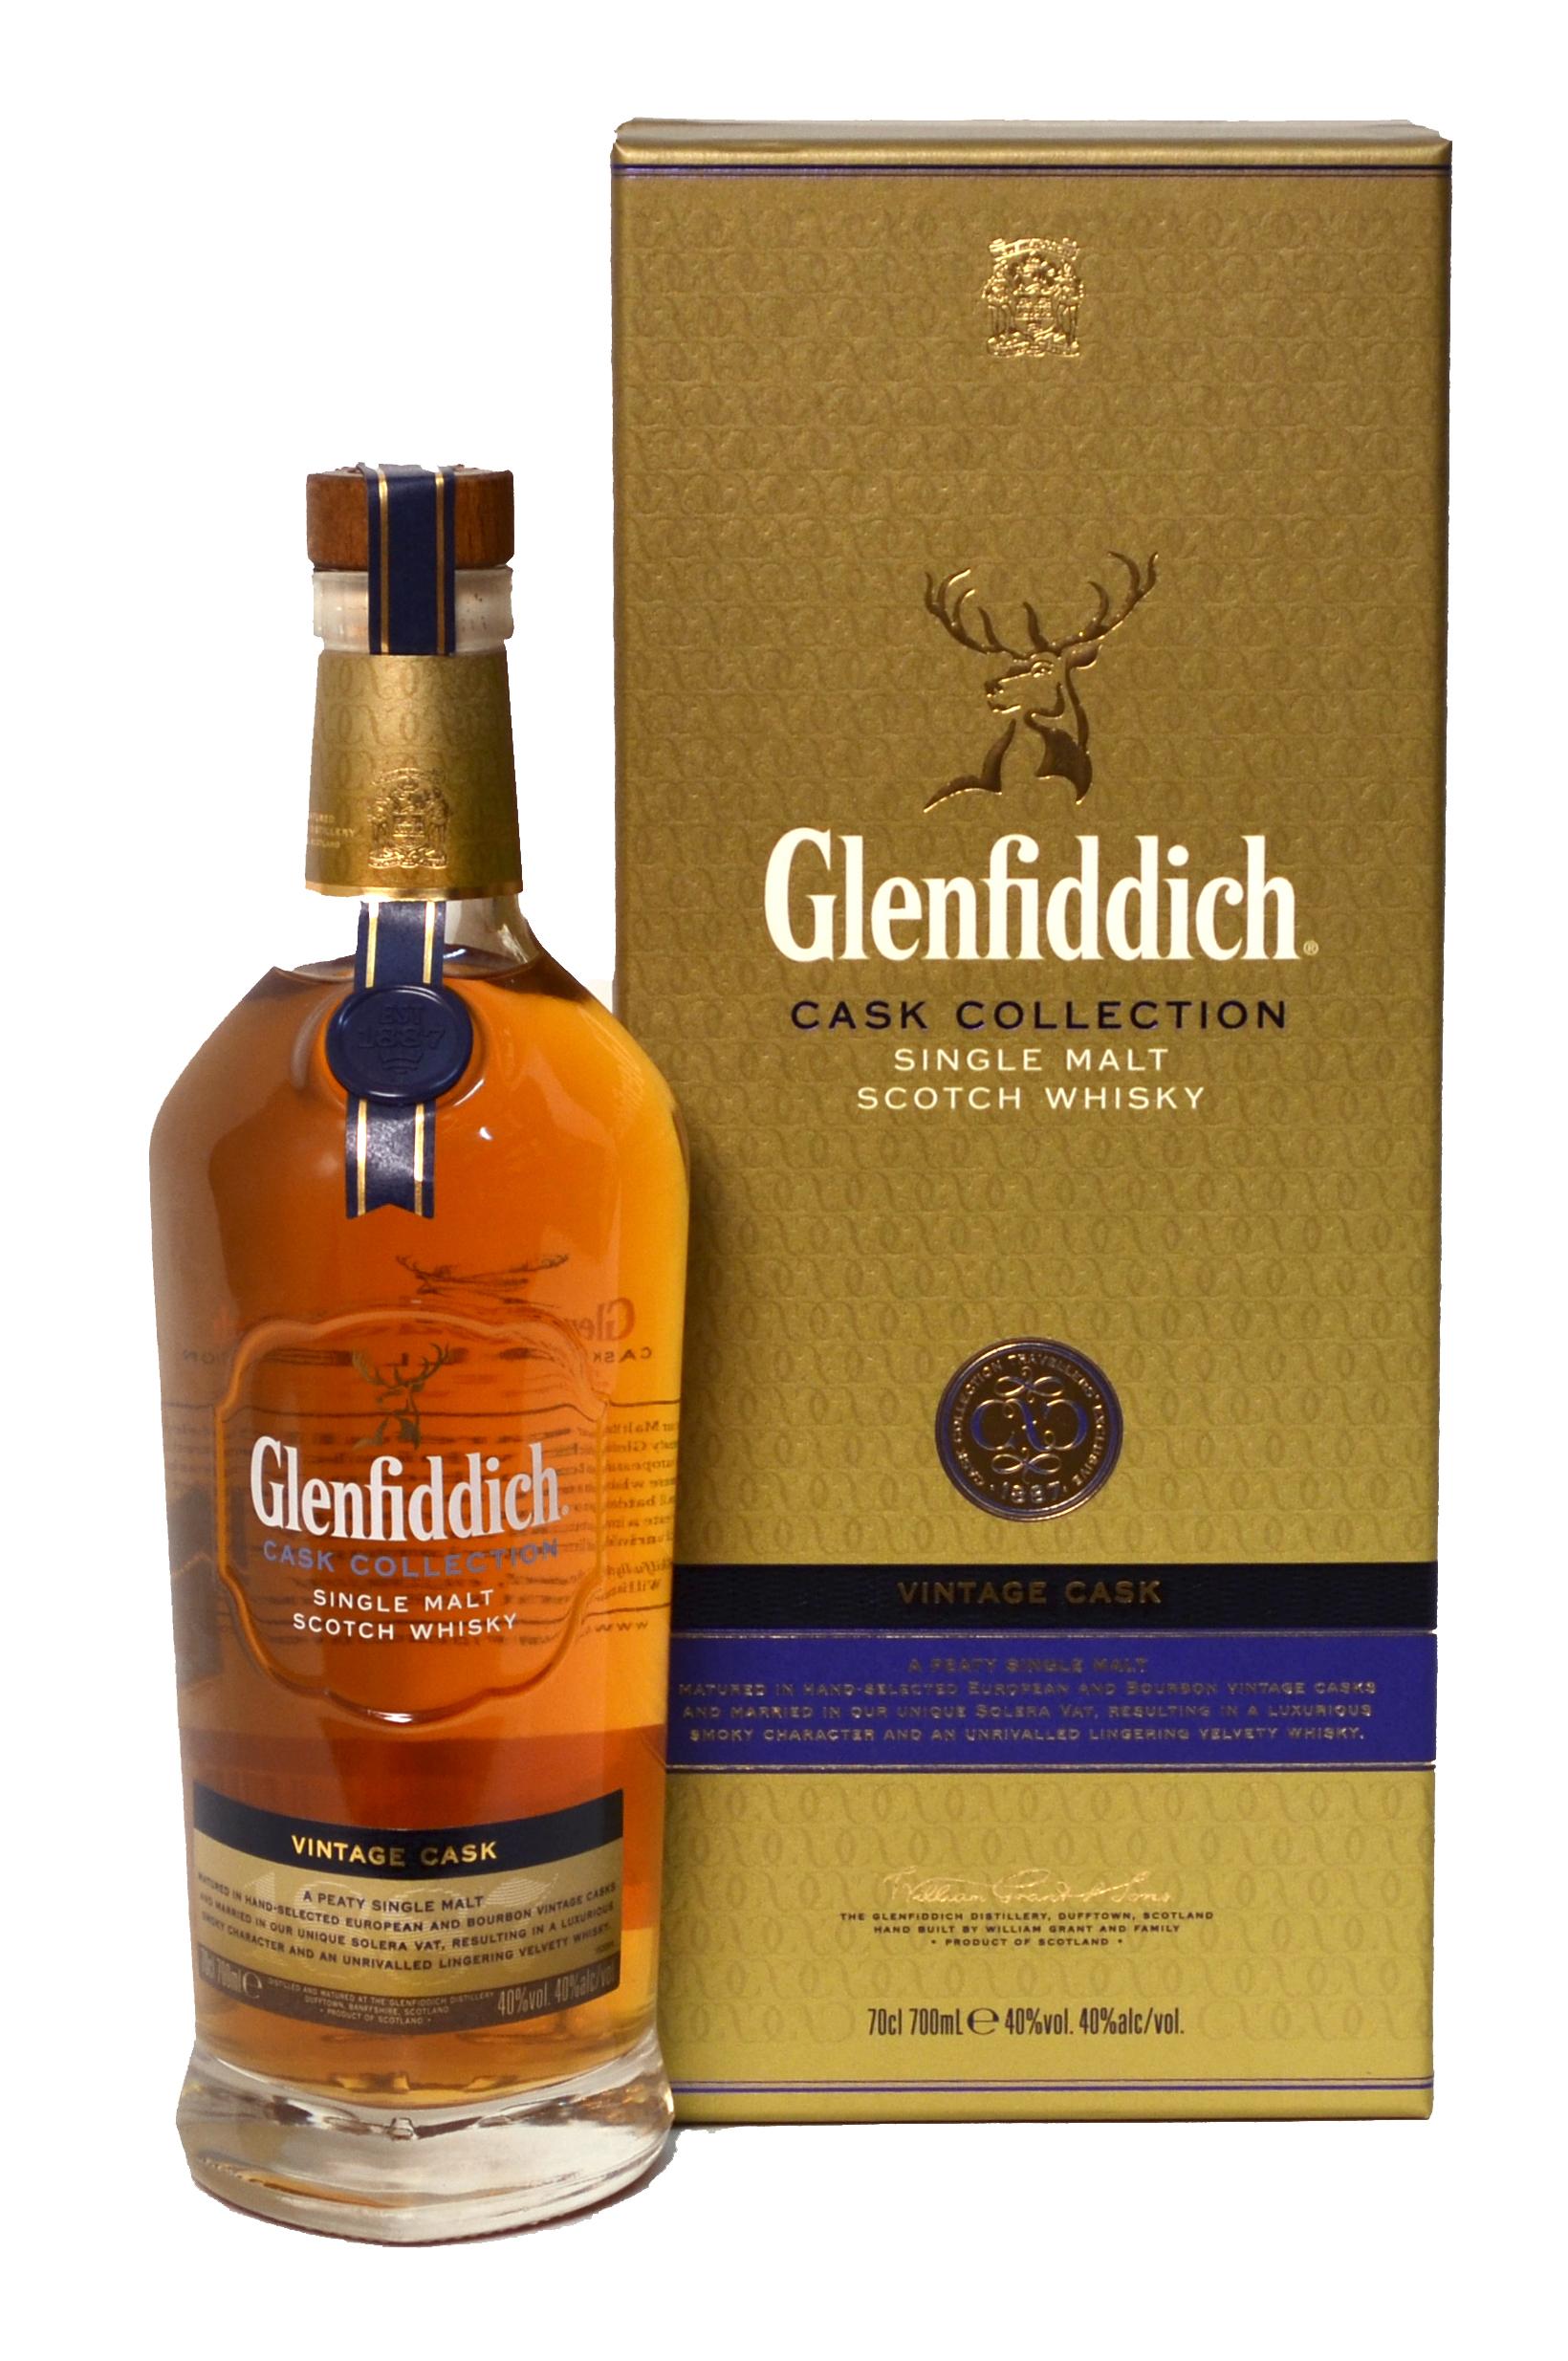 Buy GLENFIDDICH VINTAGE CASK SINGLE MALT SCOTCH WHISKY